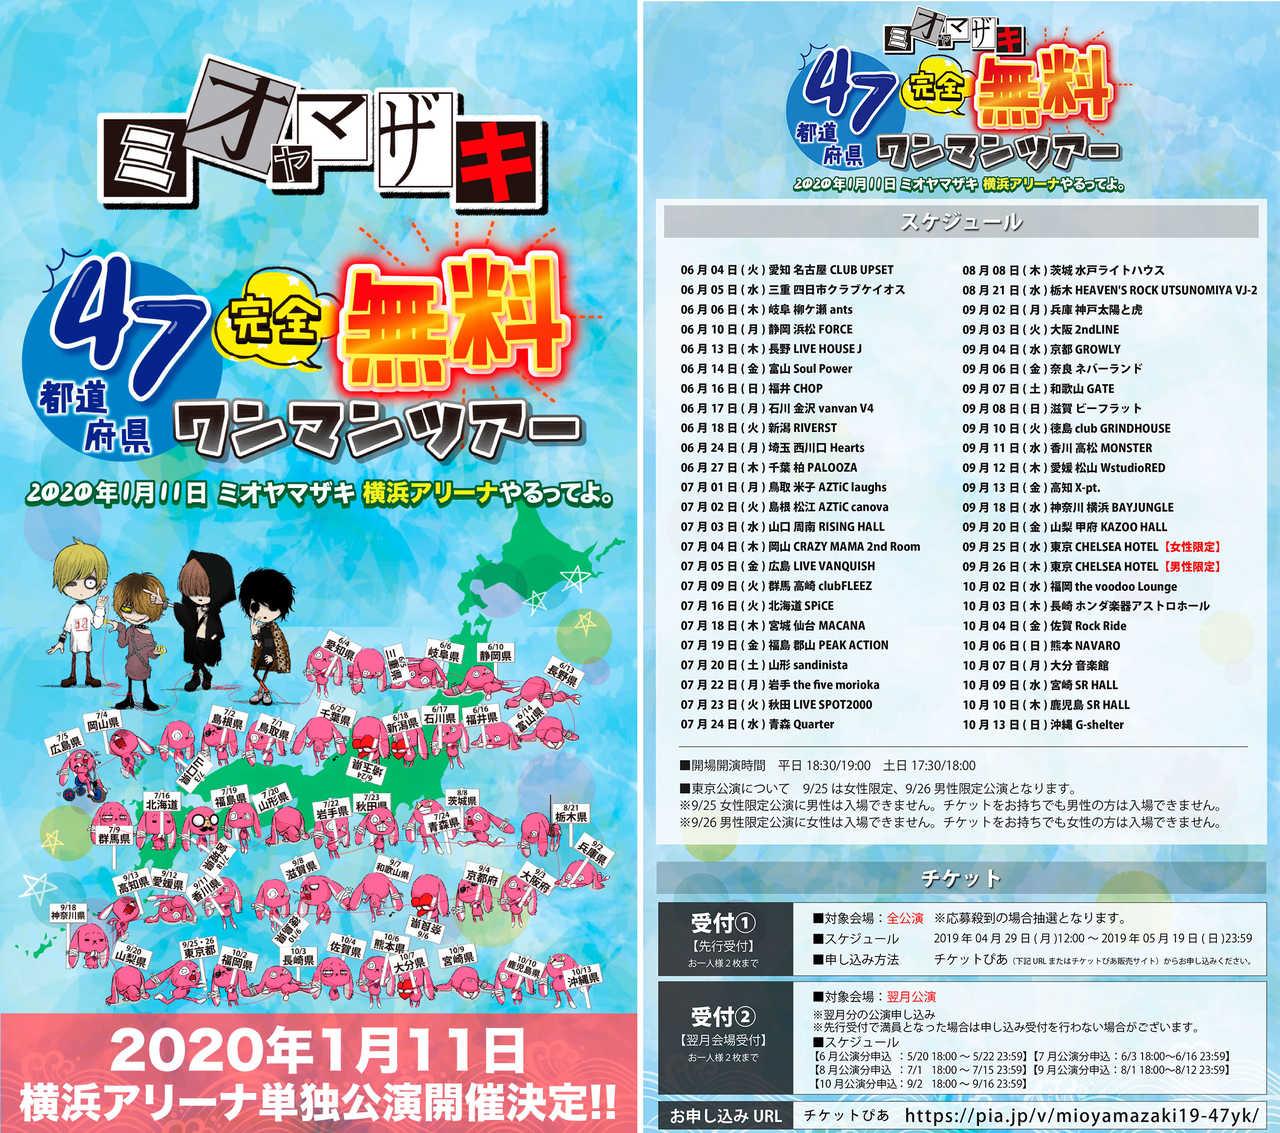 『2020年1月11日ミオヤマザキ横浜アリーナやるってよ。』